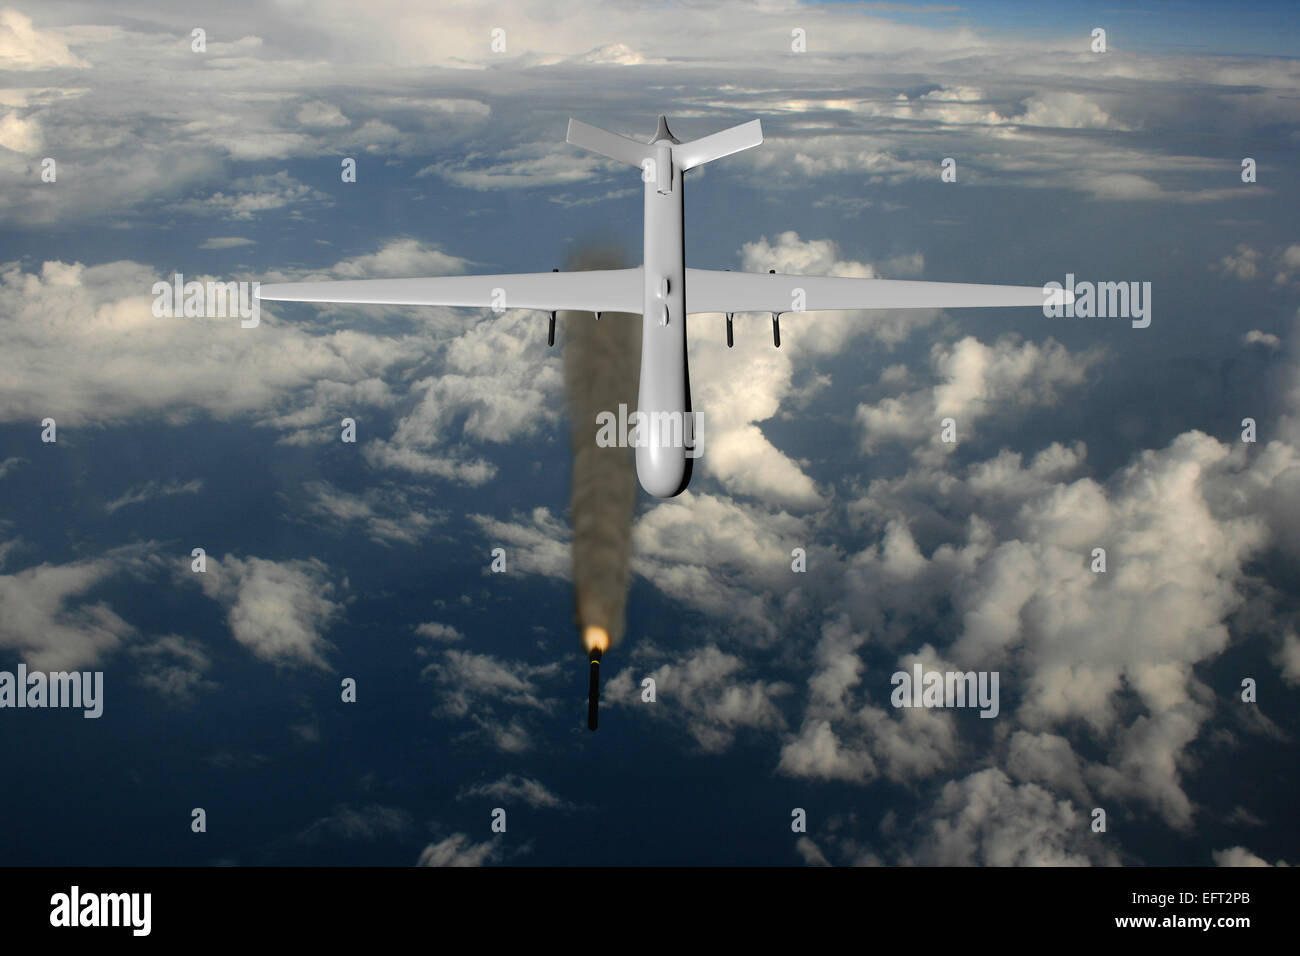 MQ-9 Reaper fires hellfire rocket - Stock Image